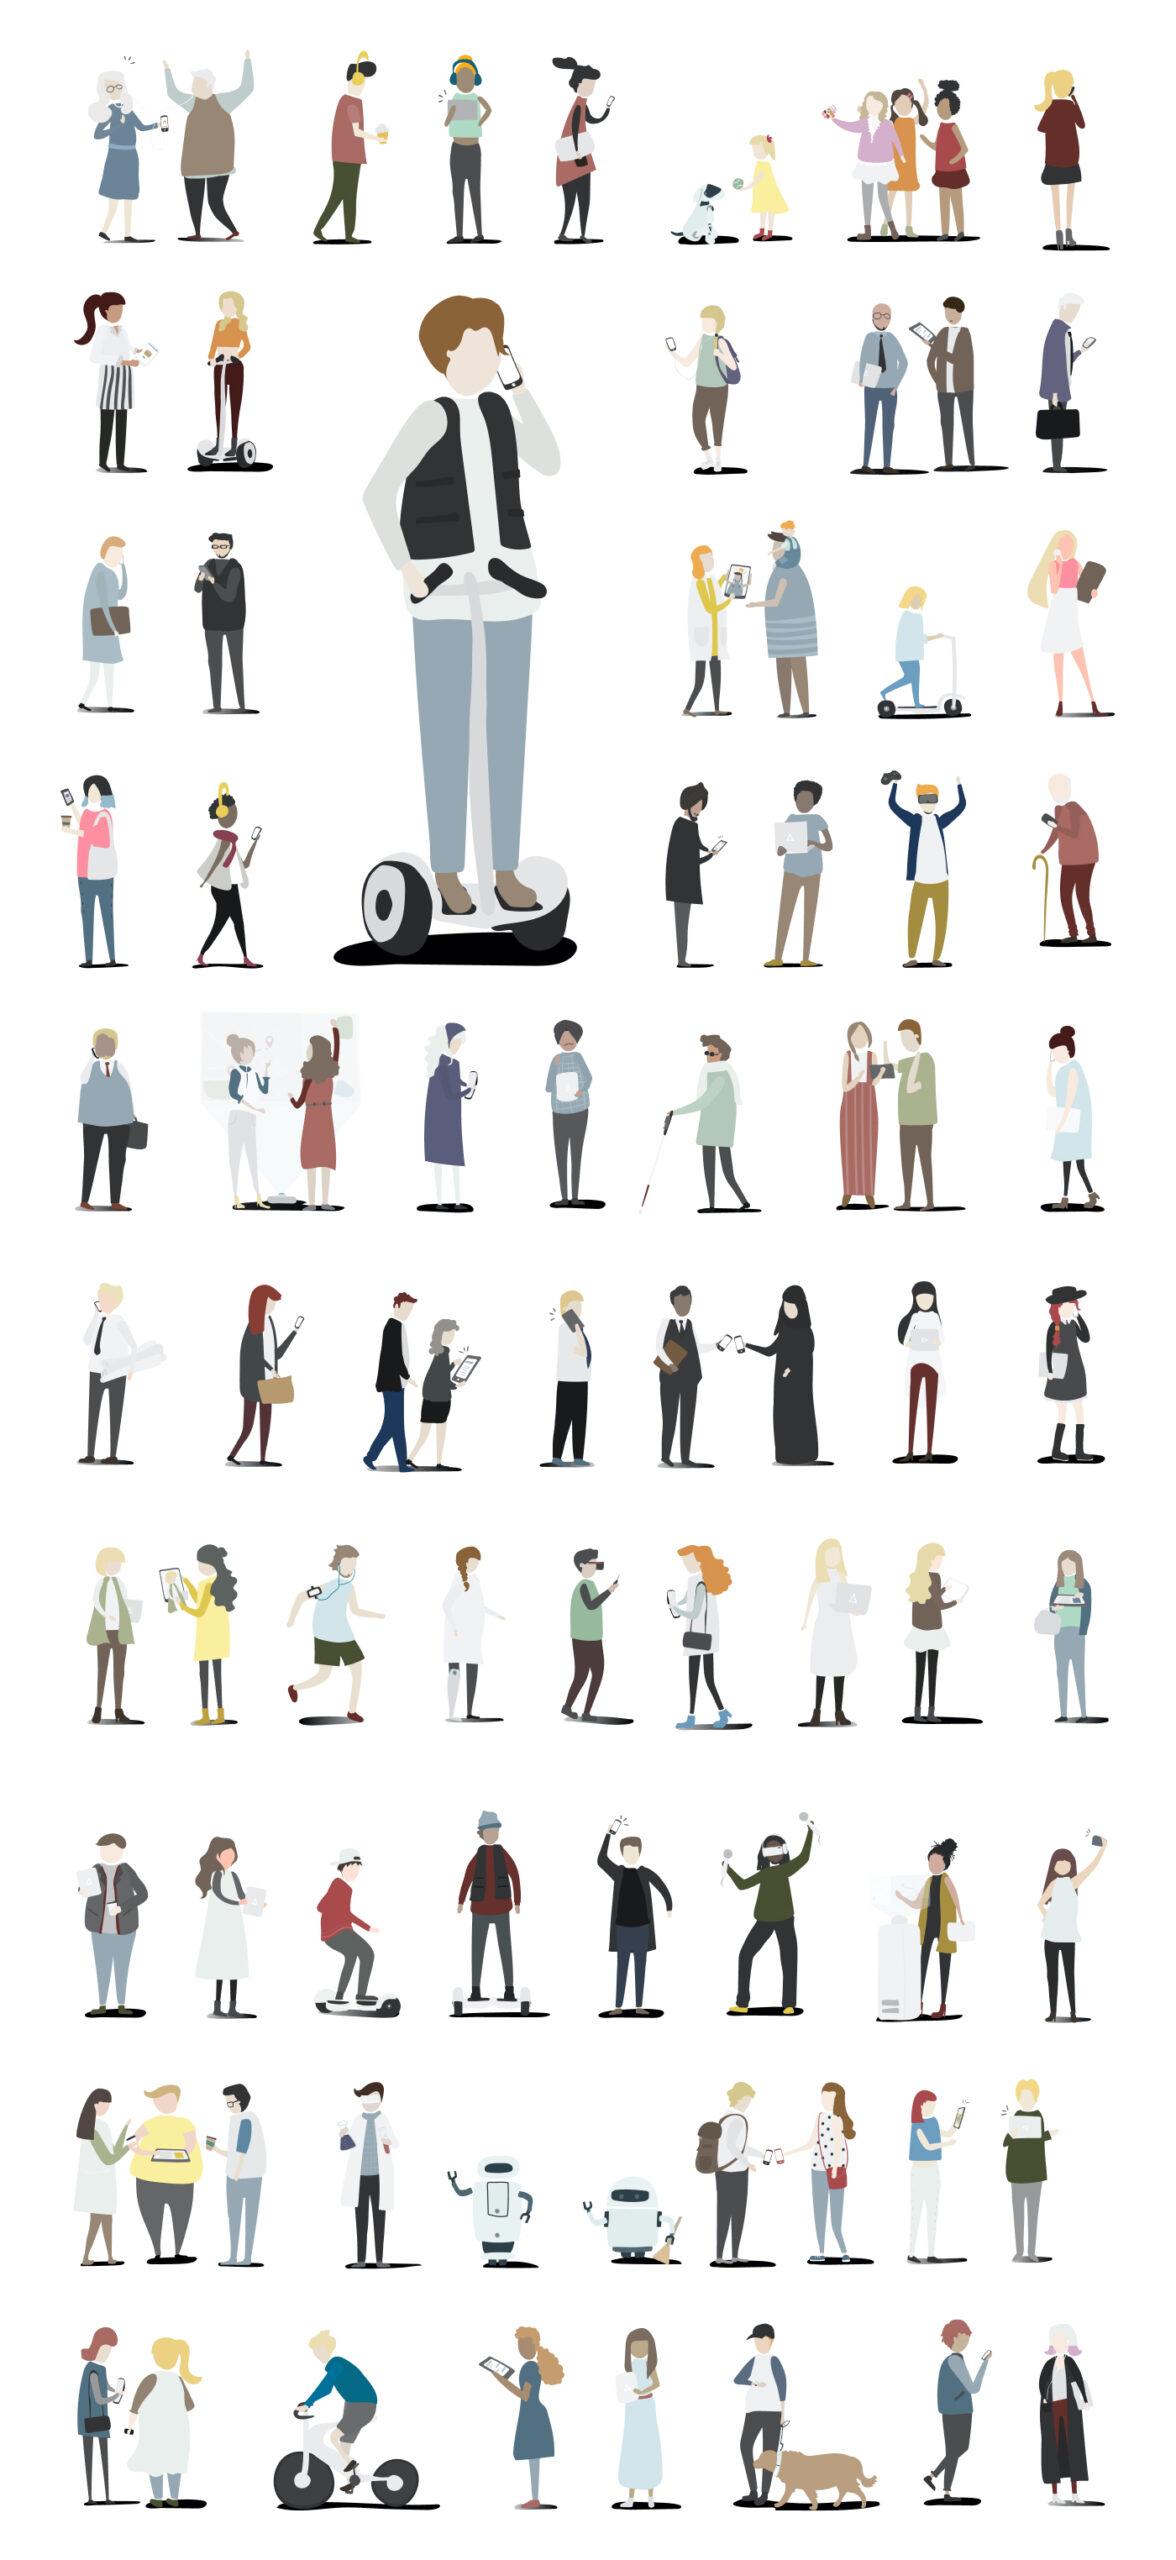 矢量人物插画合集插图